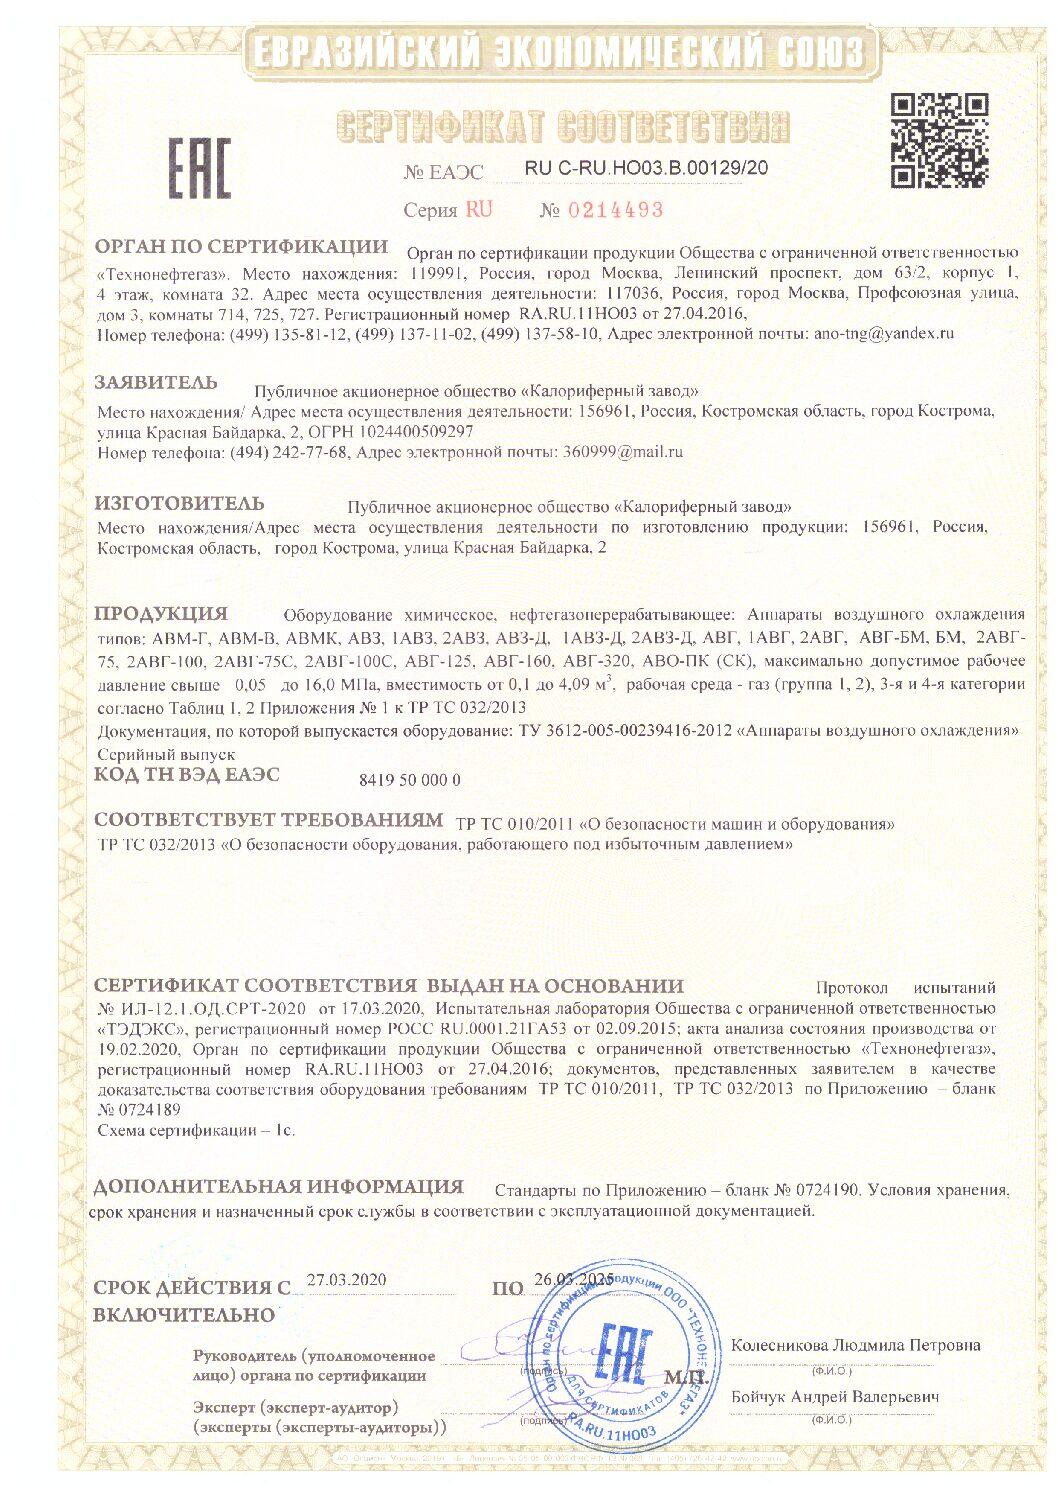 Сертификат соответствия ТР ТС 032